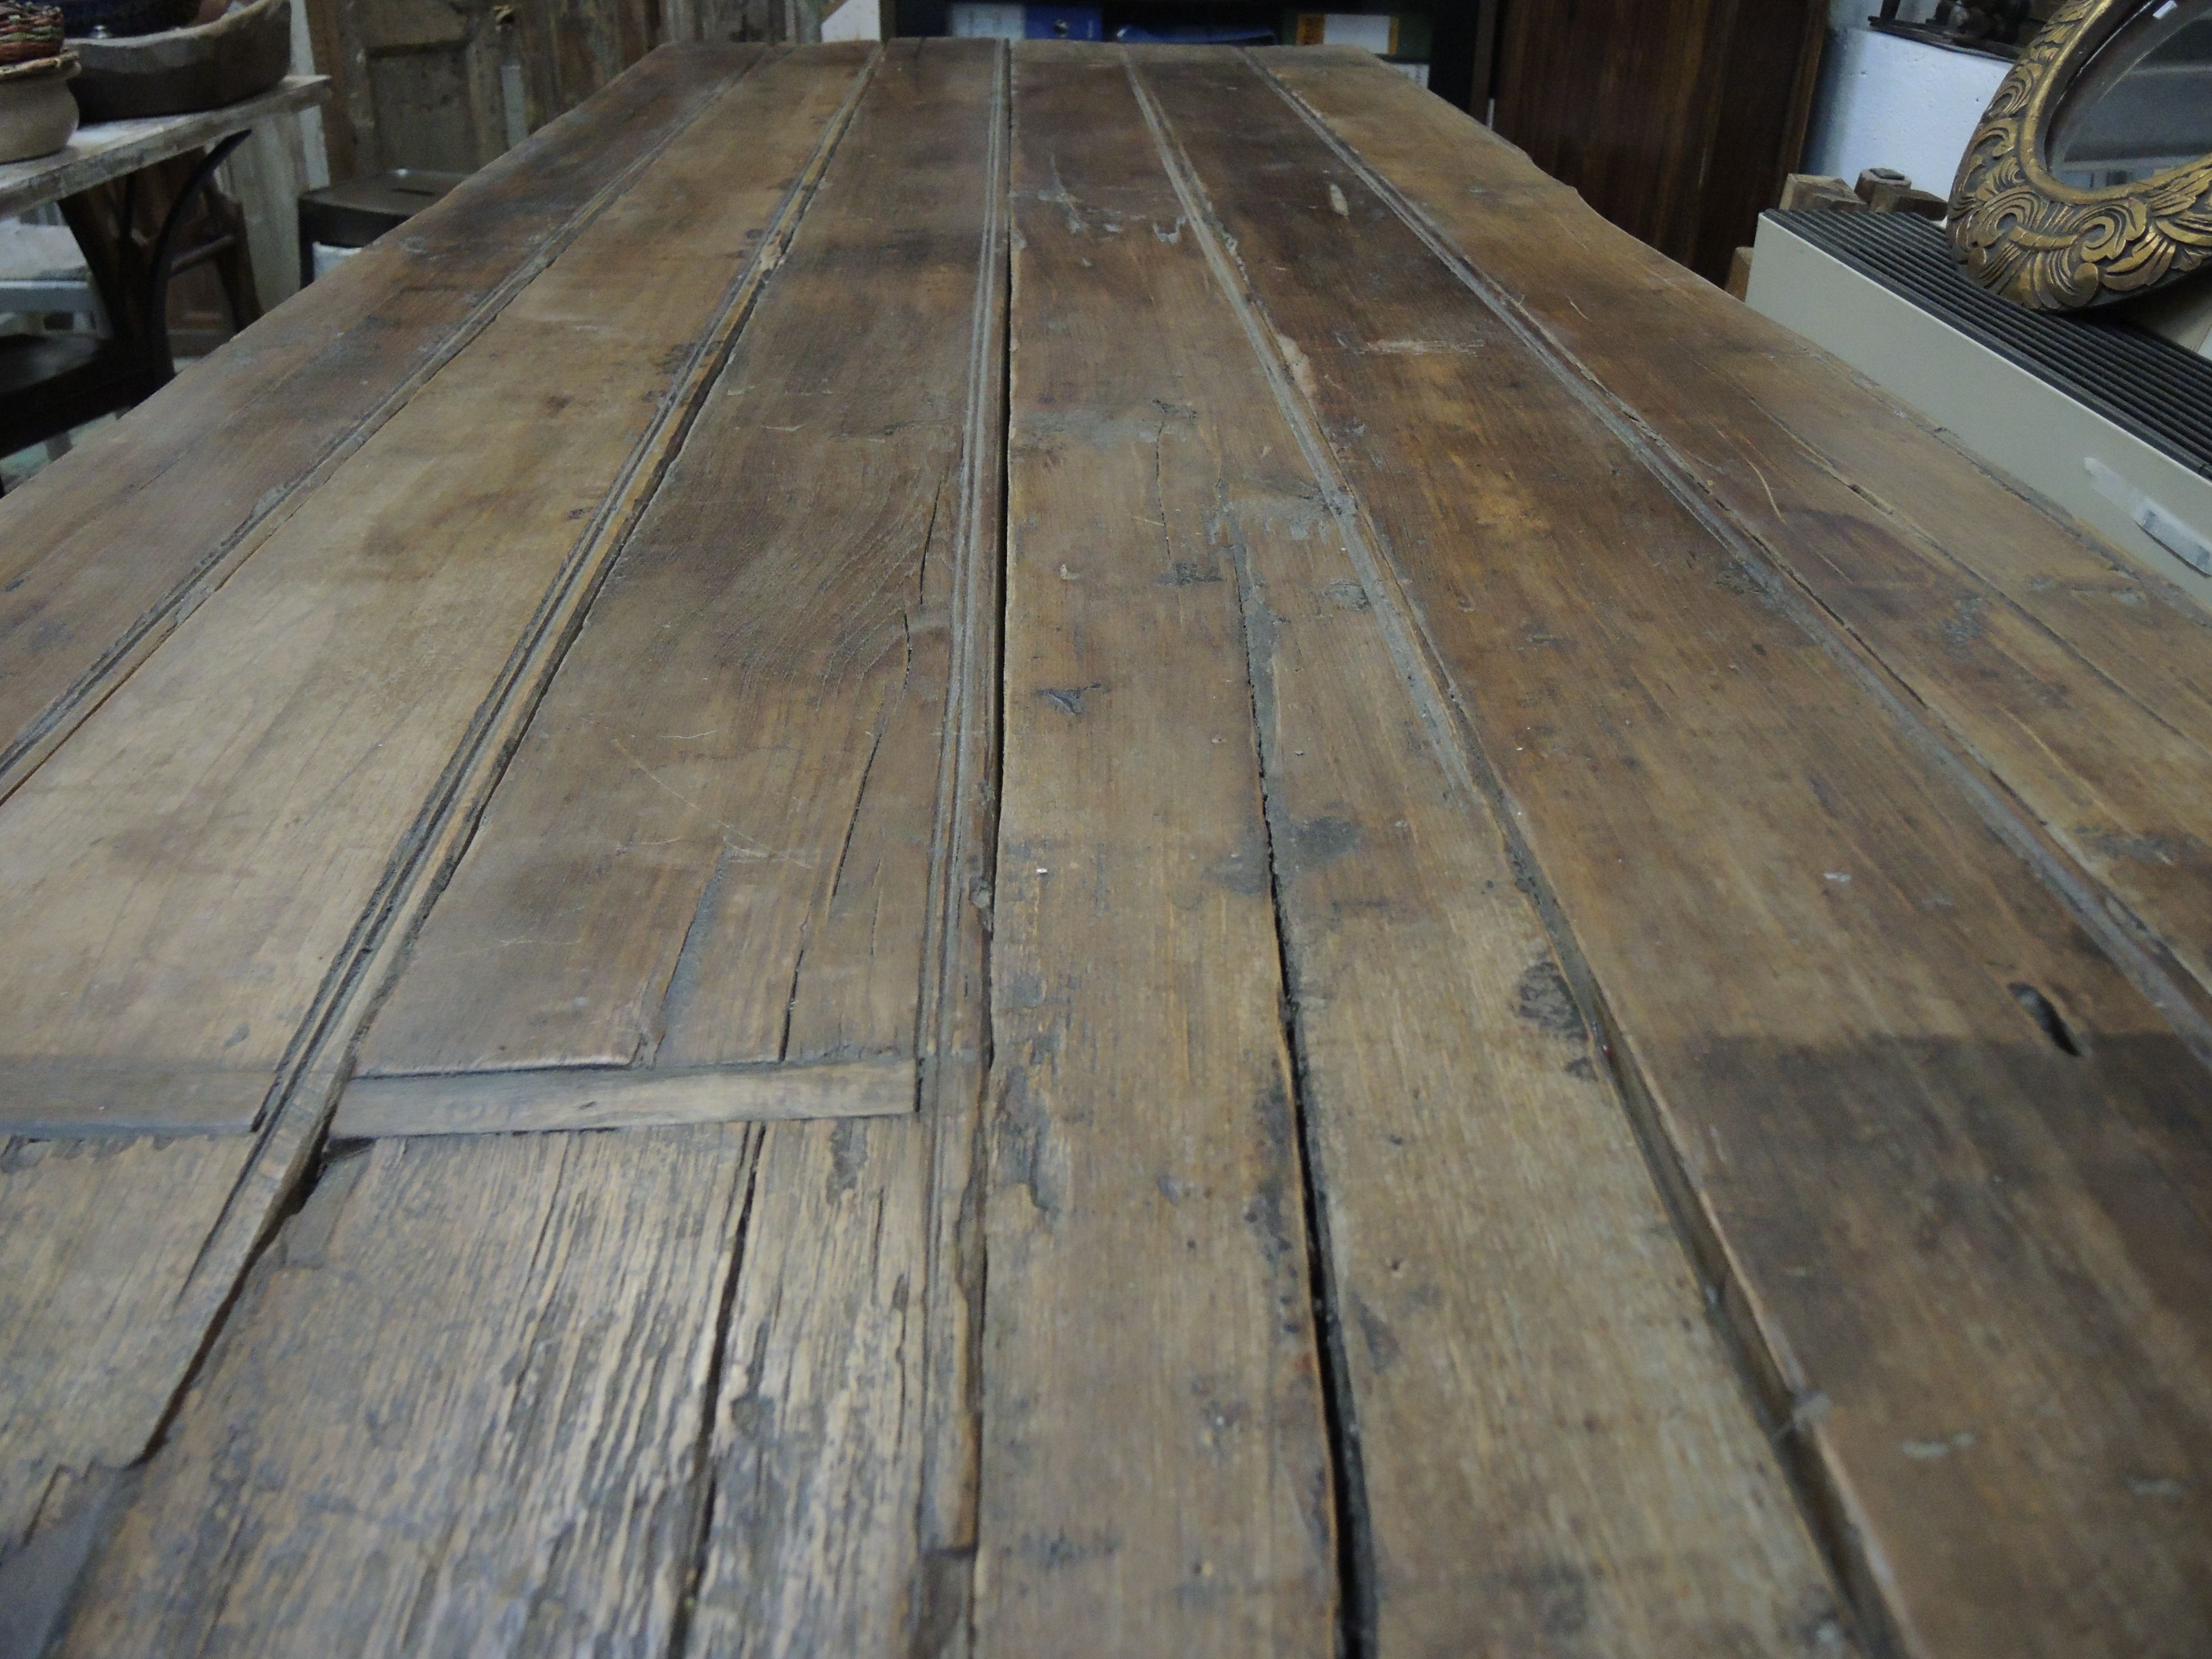 Tavolo con assi vecchie in legno di teak tavoli e for Vecchie tavole legno